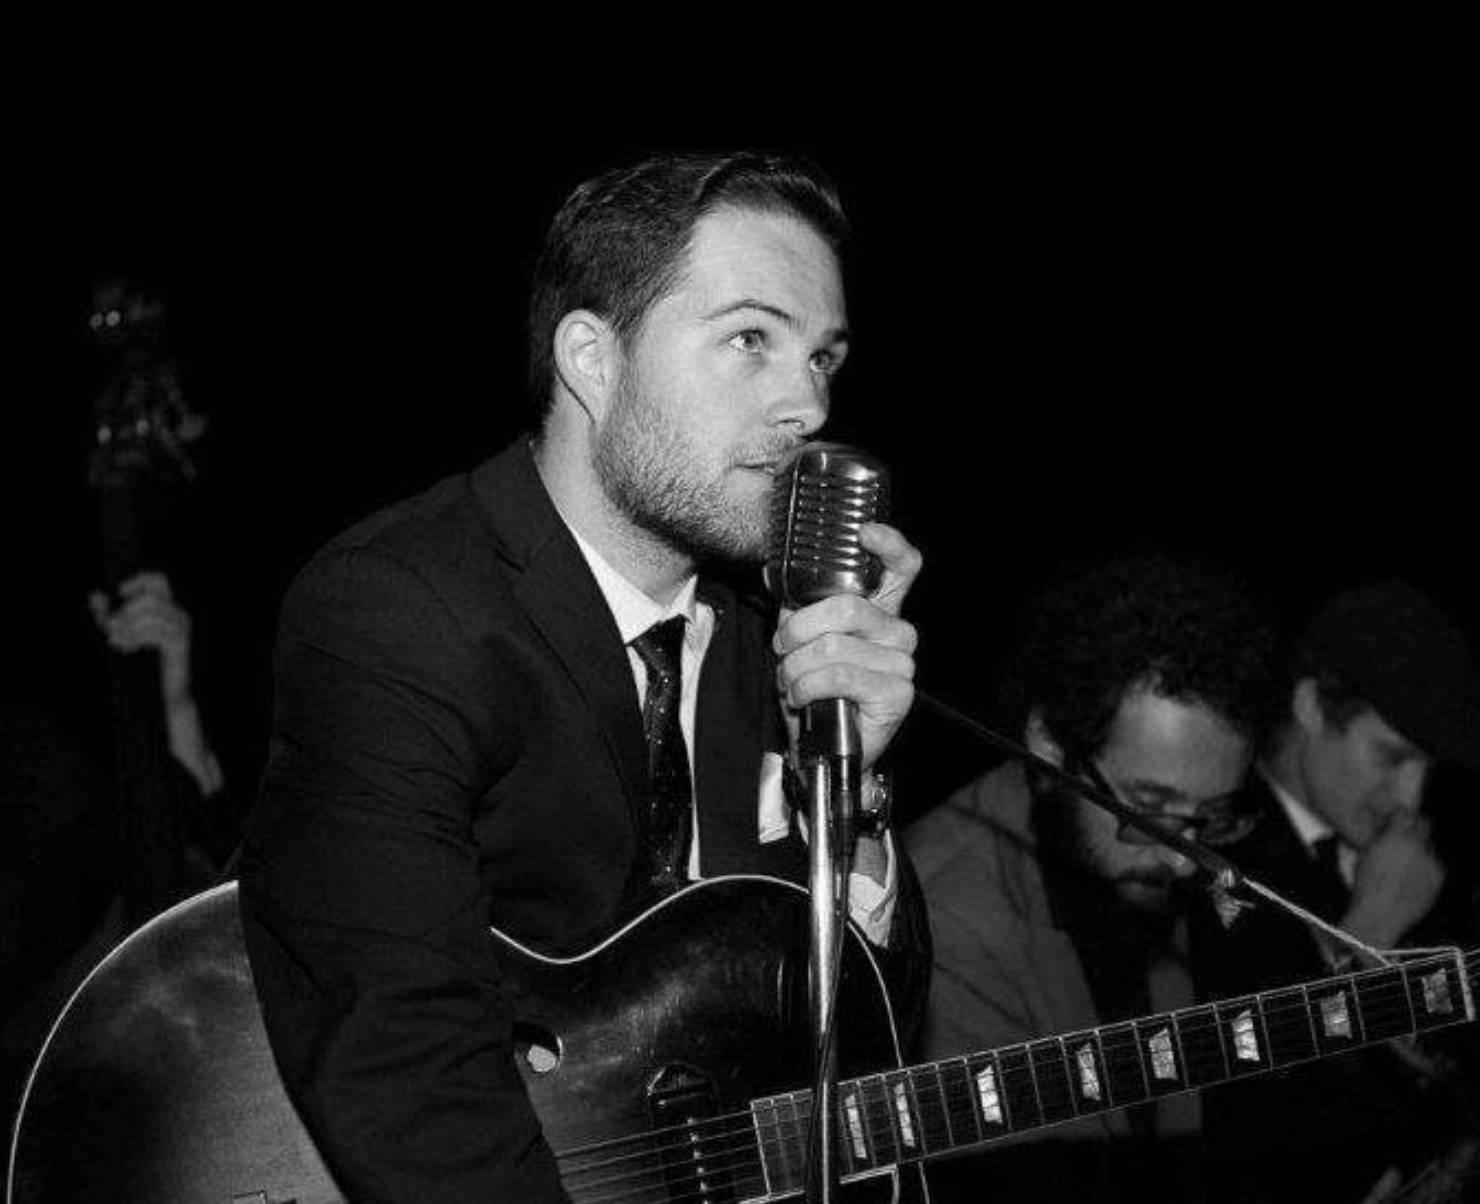 Devan Jones & The Uptown Stomp